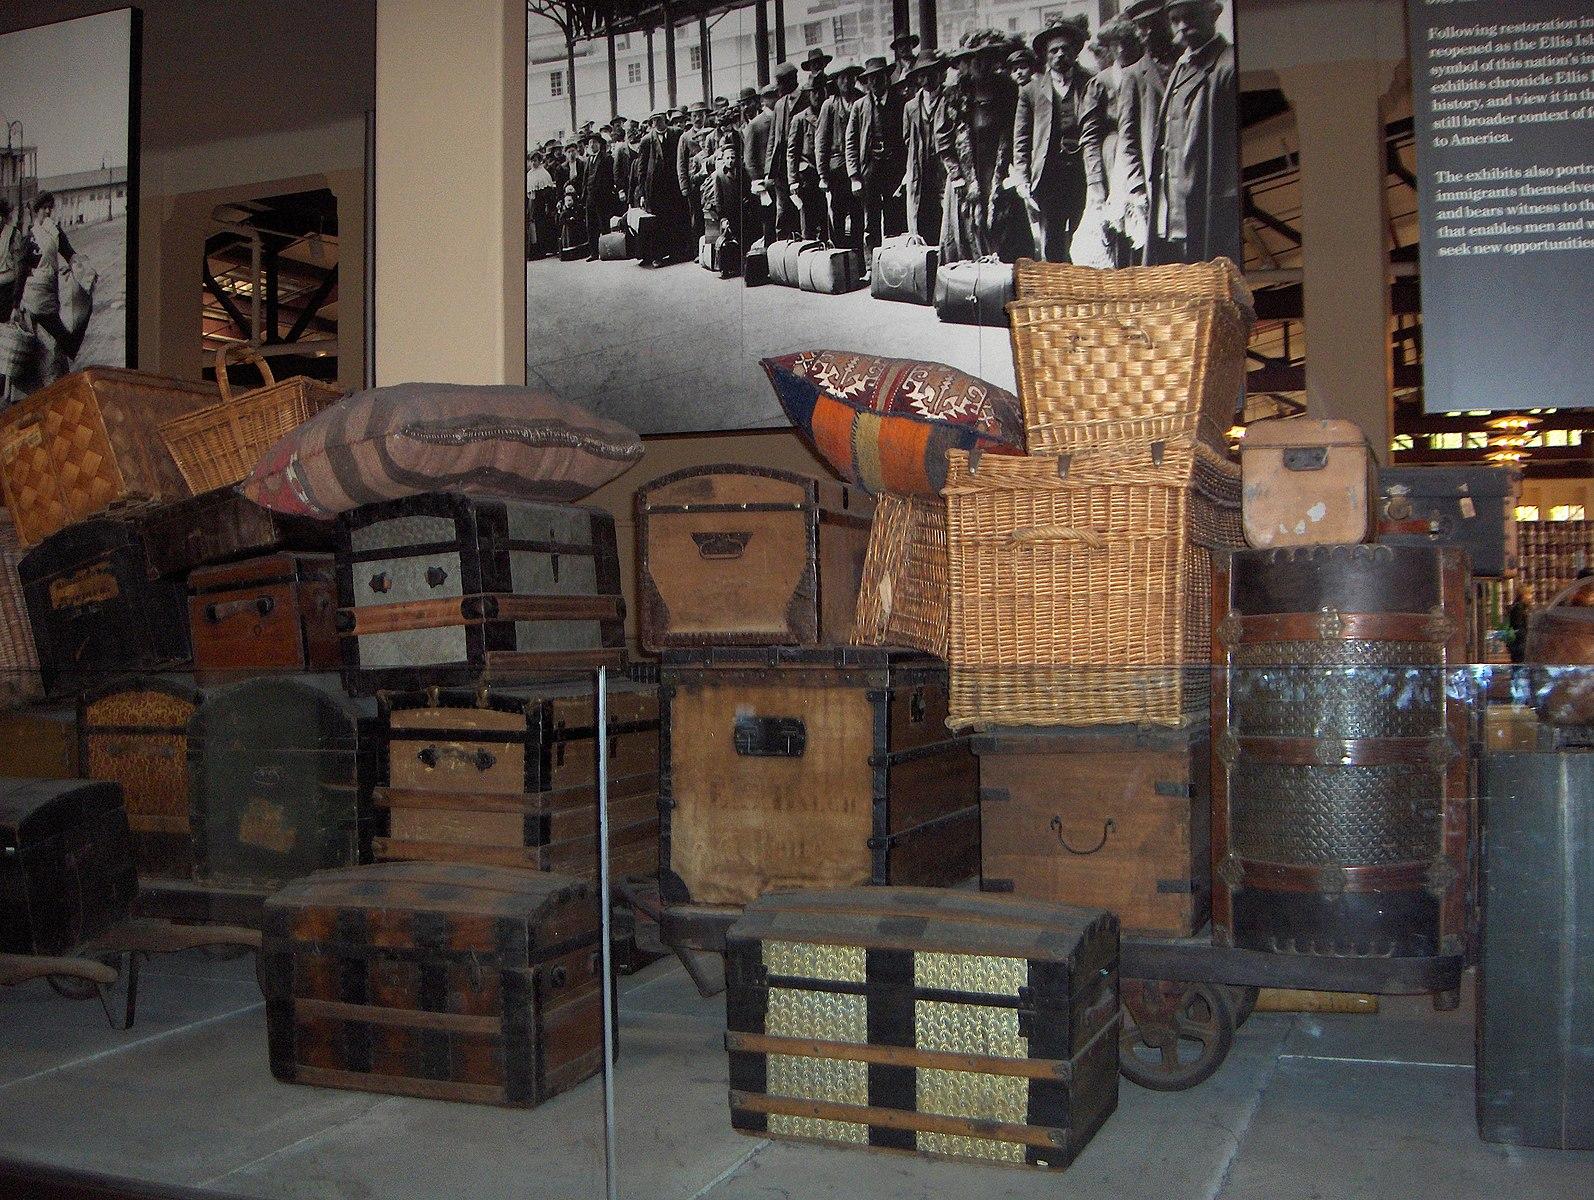 Baggage room, ellis island